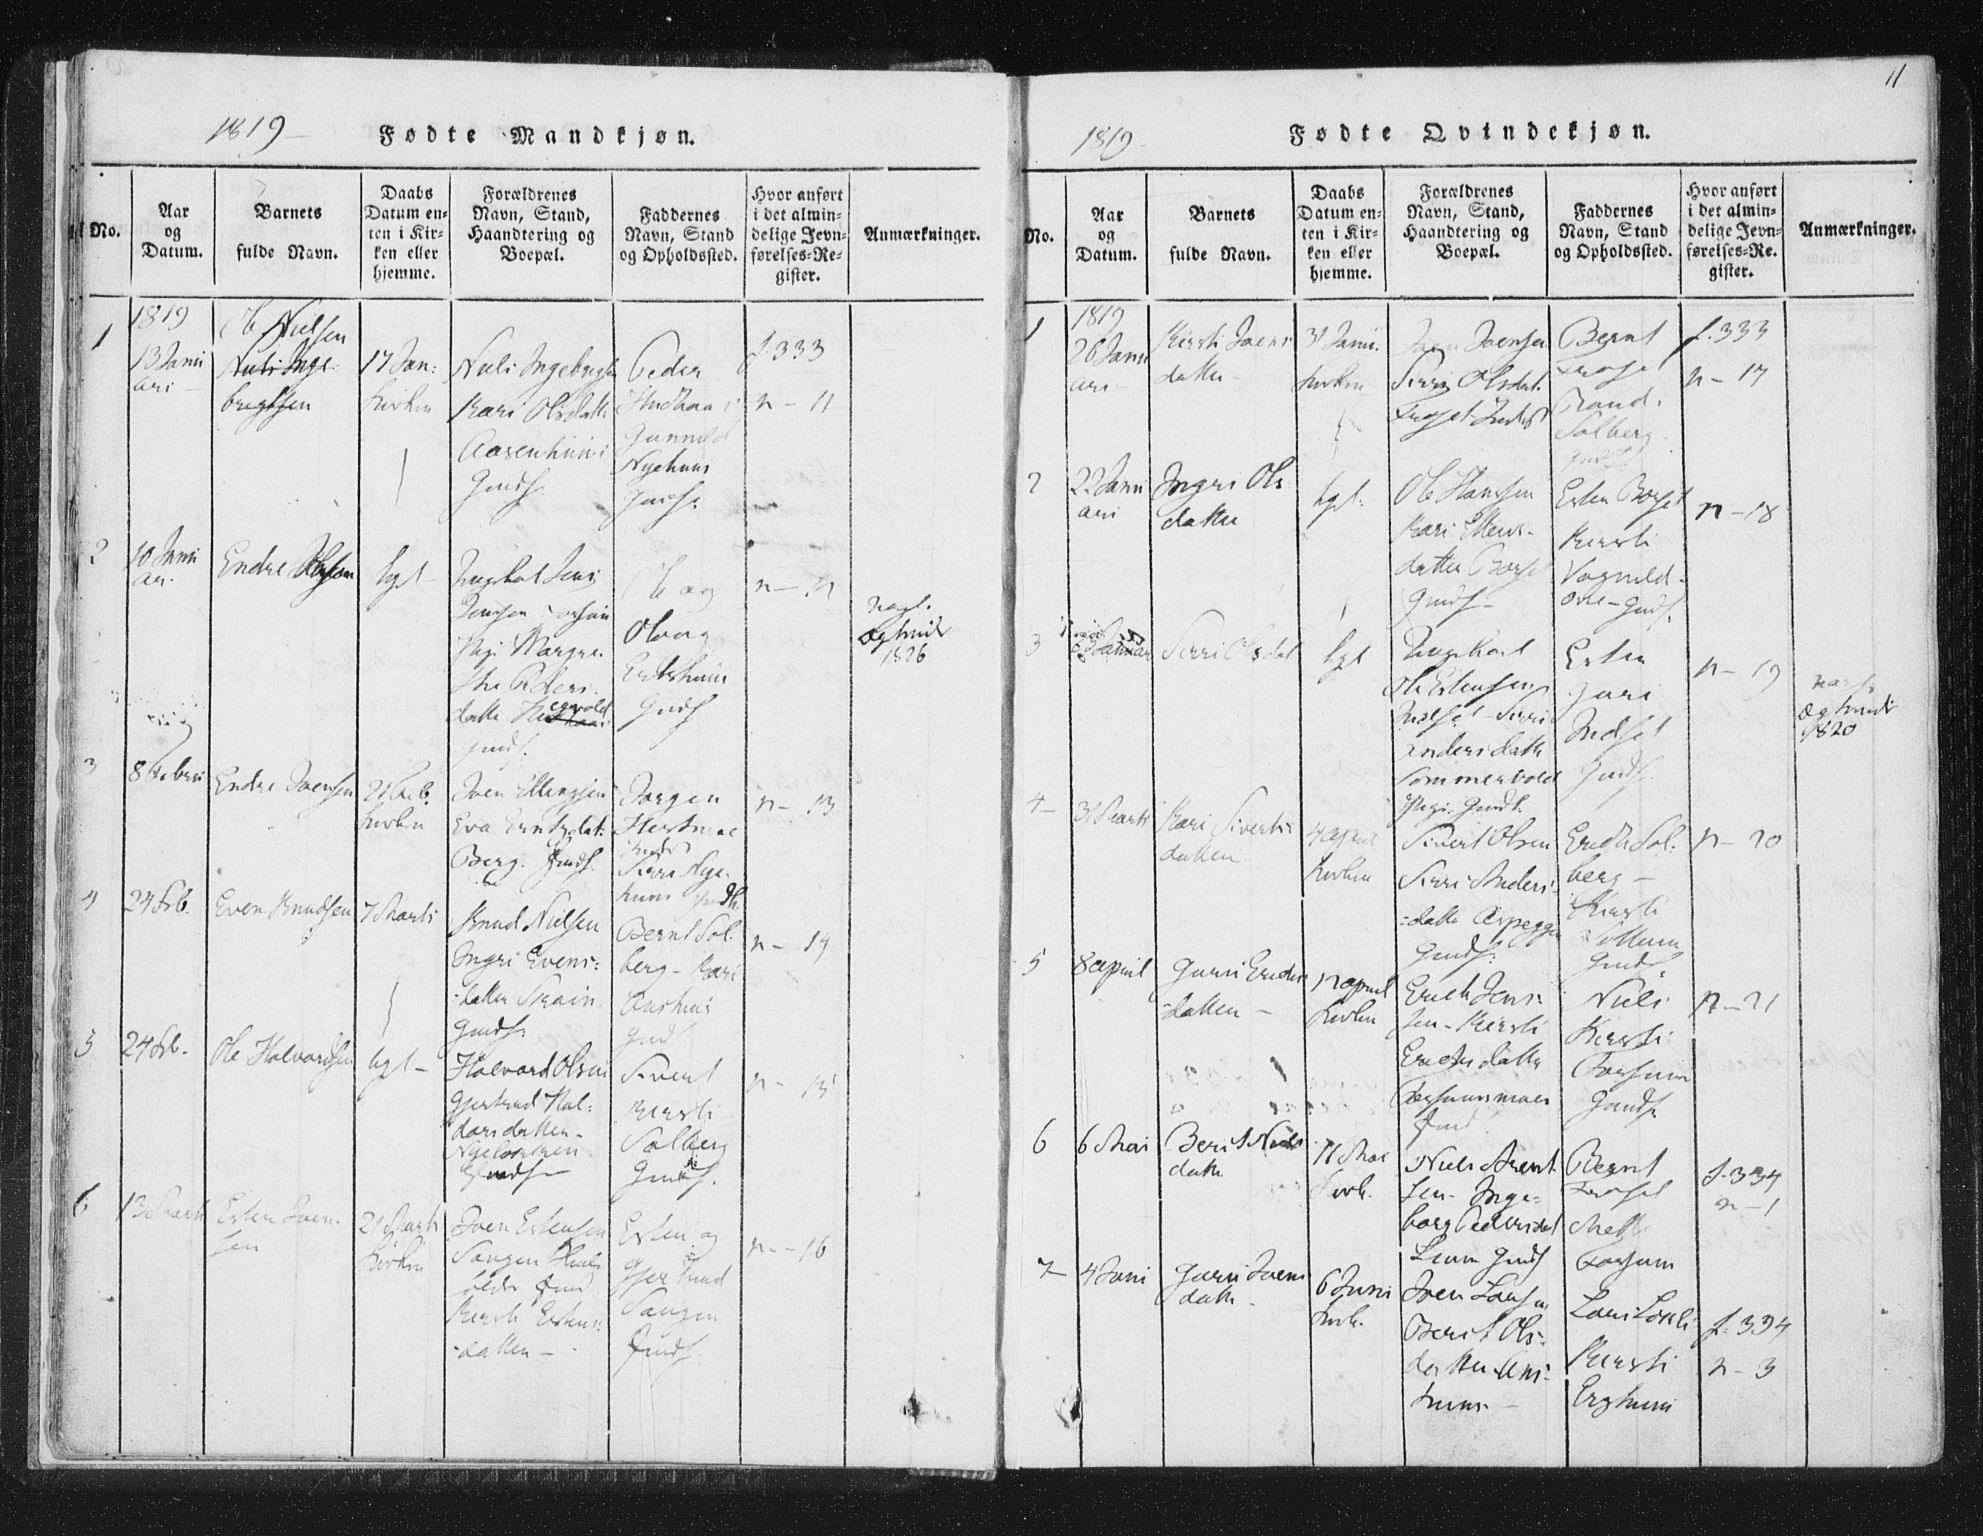 SAT, Ministerialprotokoller, klokkerbøker og fødselsregistre - Sør-Trøndelag, 689/L1037: Ministerialbok nr. 689A02, 1816-1842, s. 11